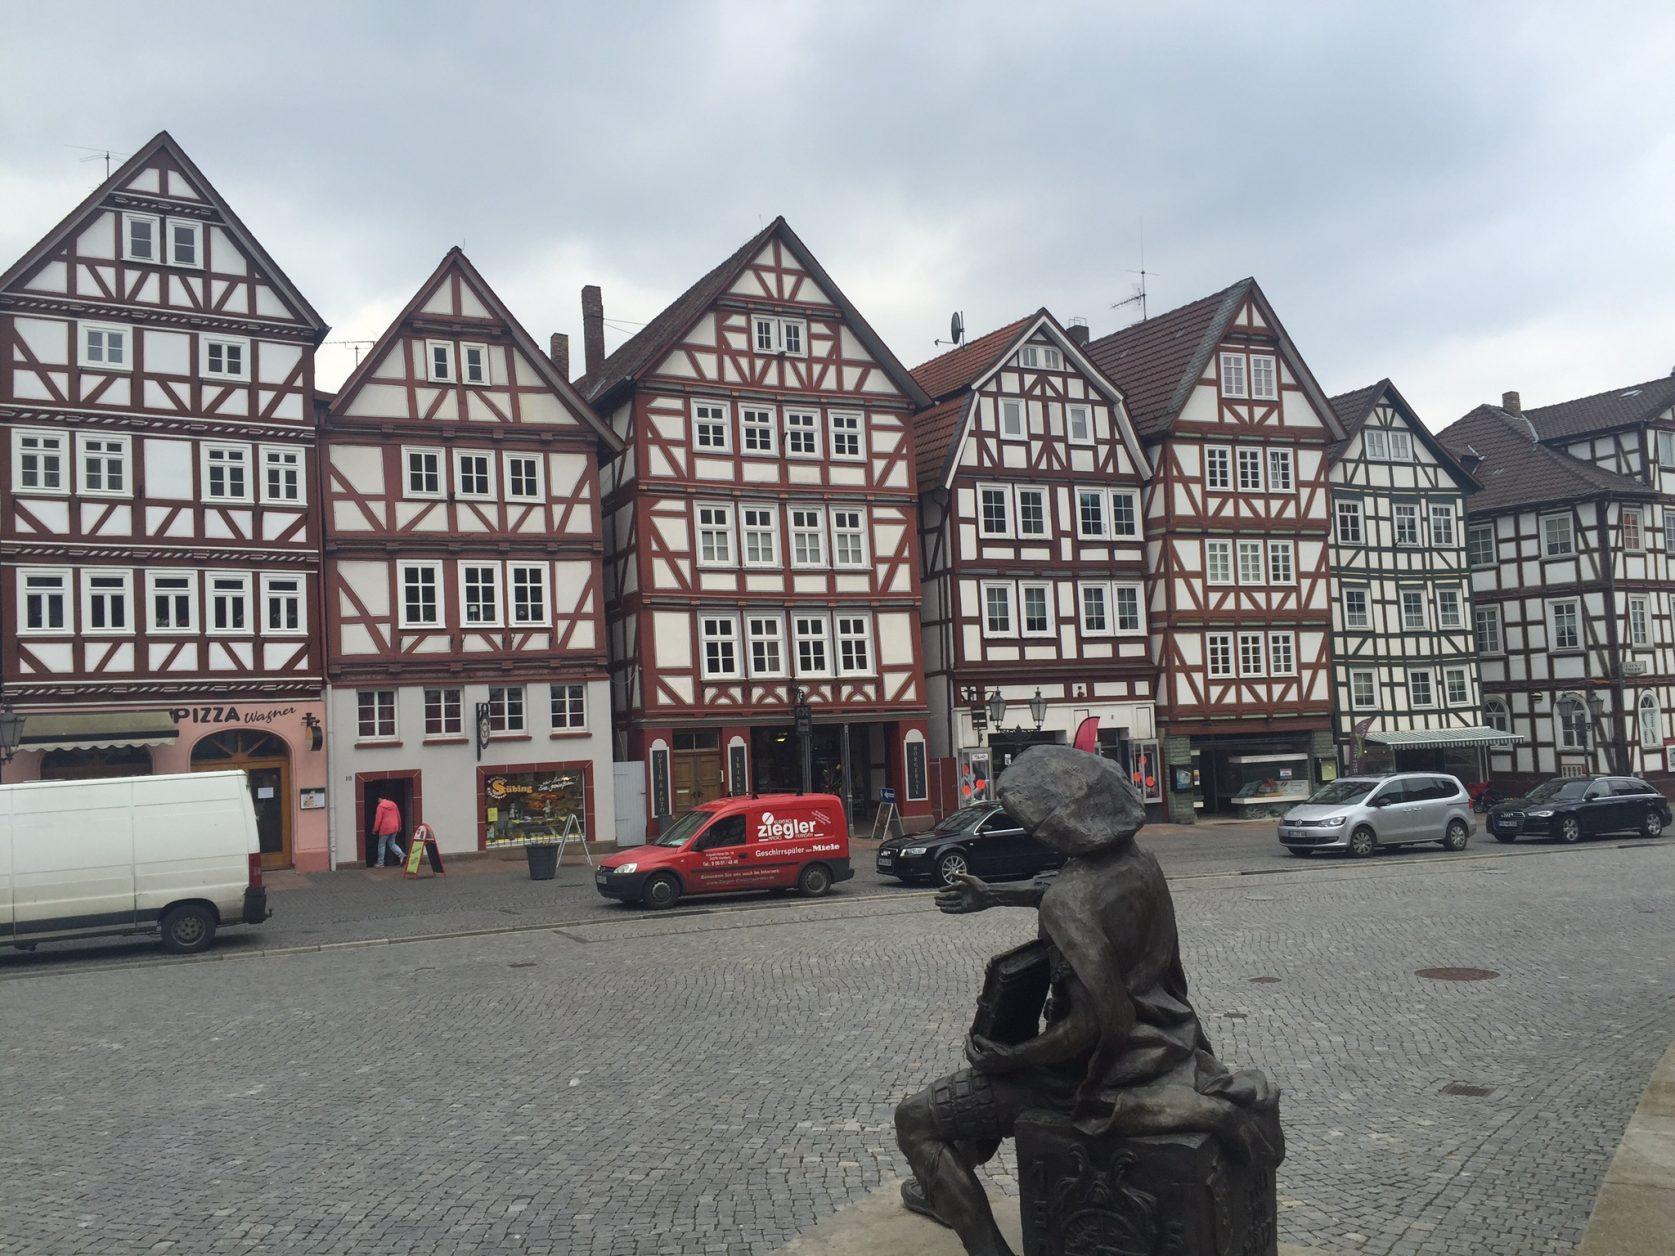 ). Jahrhundertealte Fachwerkhäuser gruppieren sich um die erste Reformationskirche Hessens auf dem romantischen Marktplatz.Foto: D.Weirauch